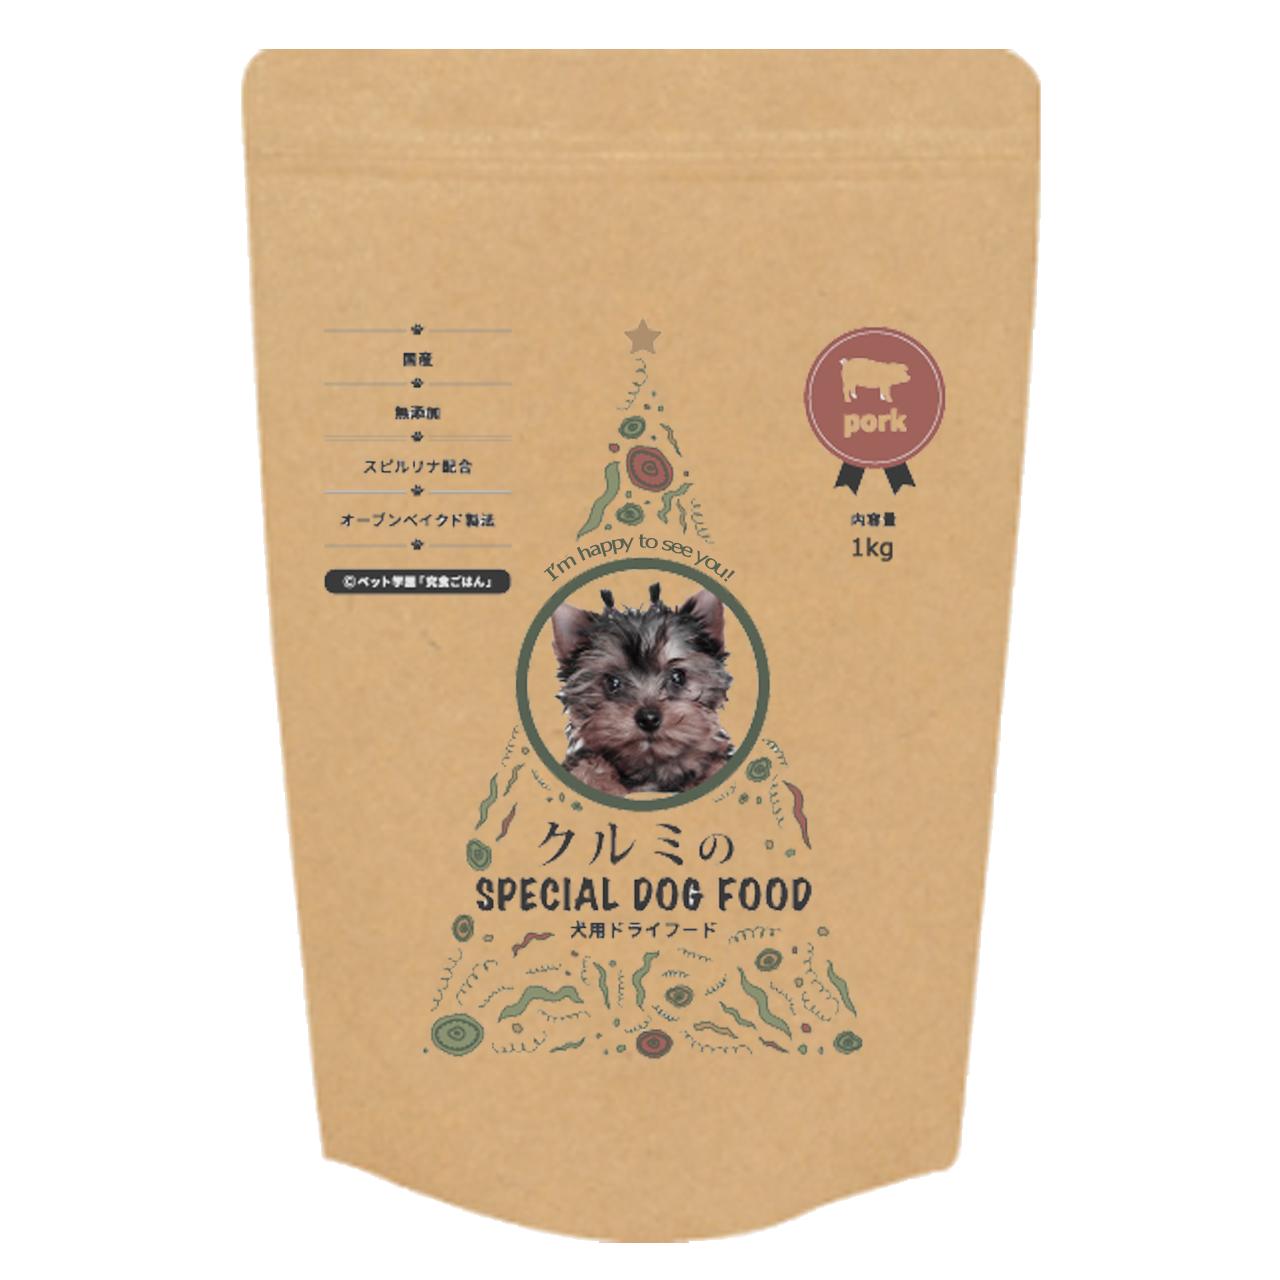 「茶」「ツリー」オリジナル究食ごはん ポーク1kg